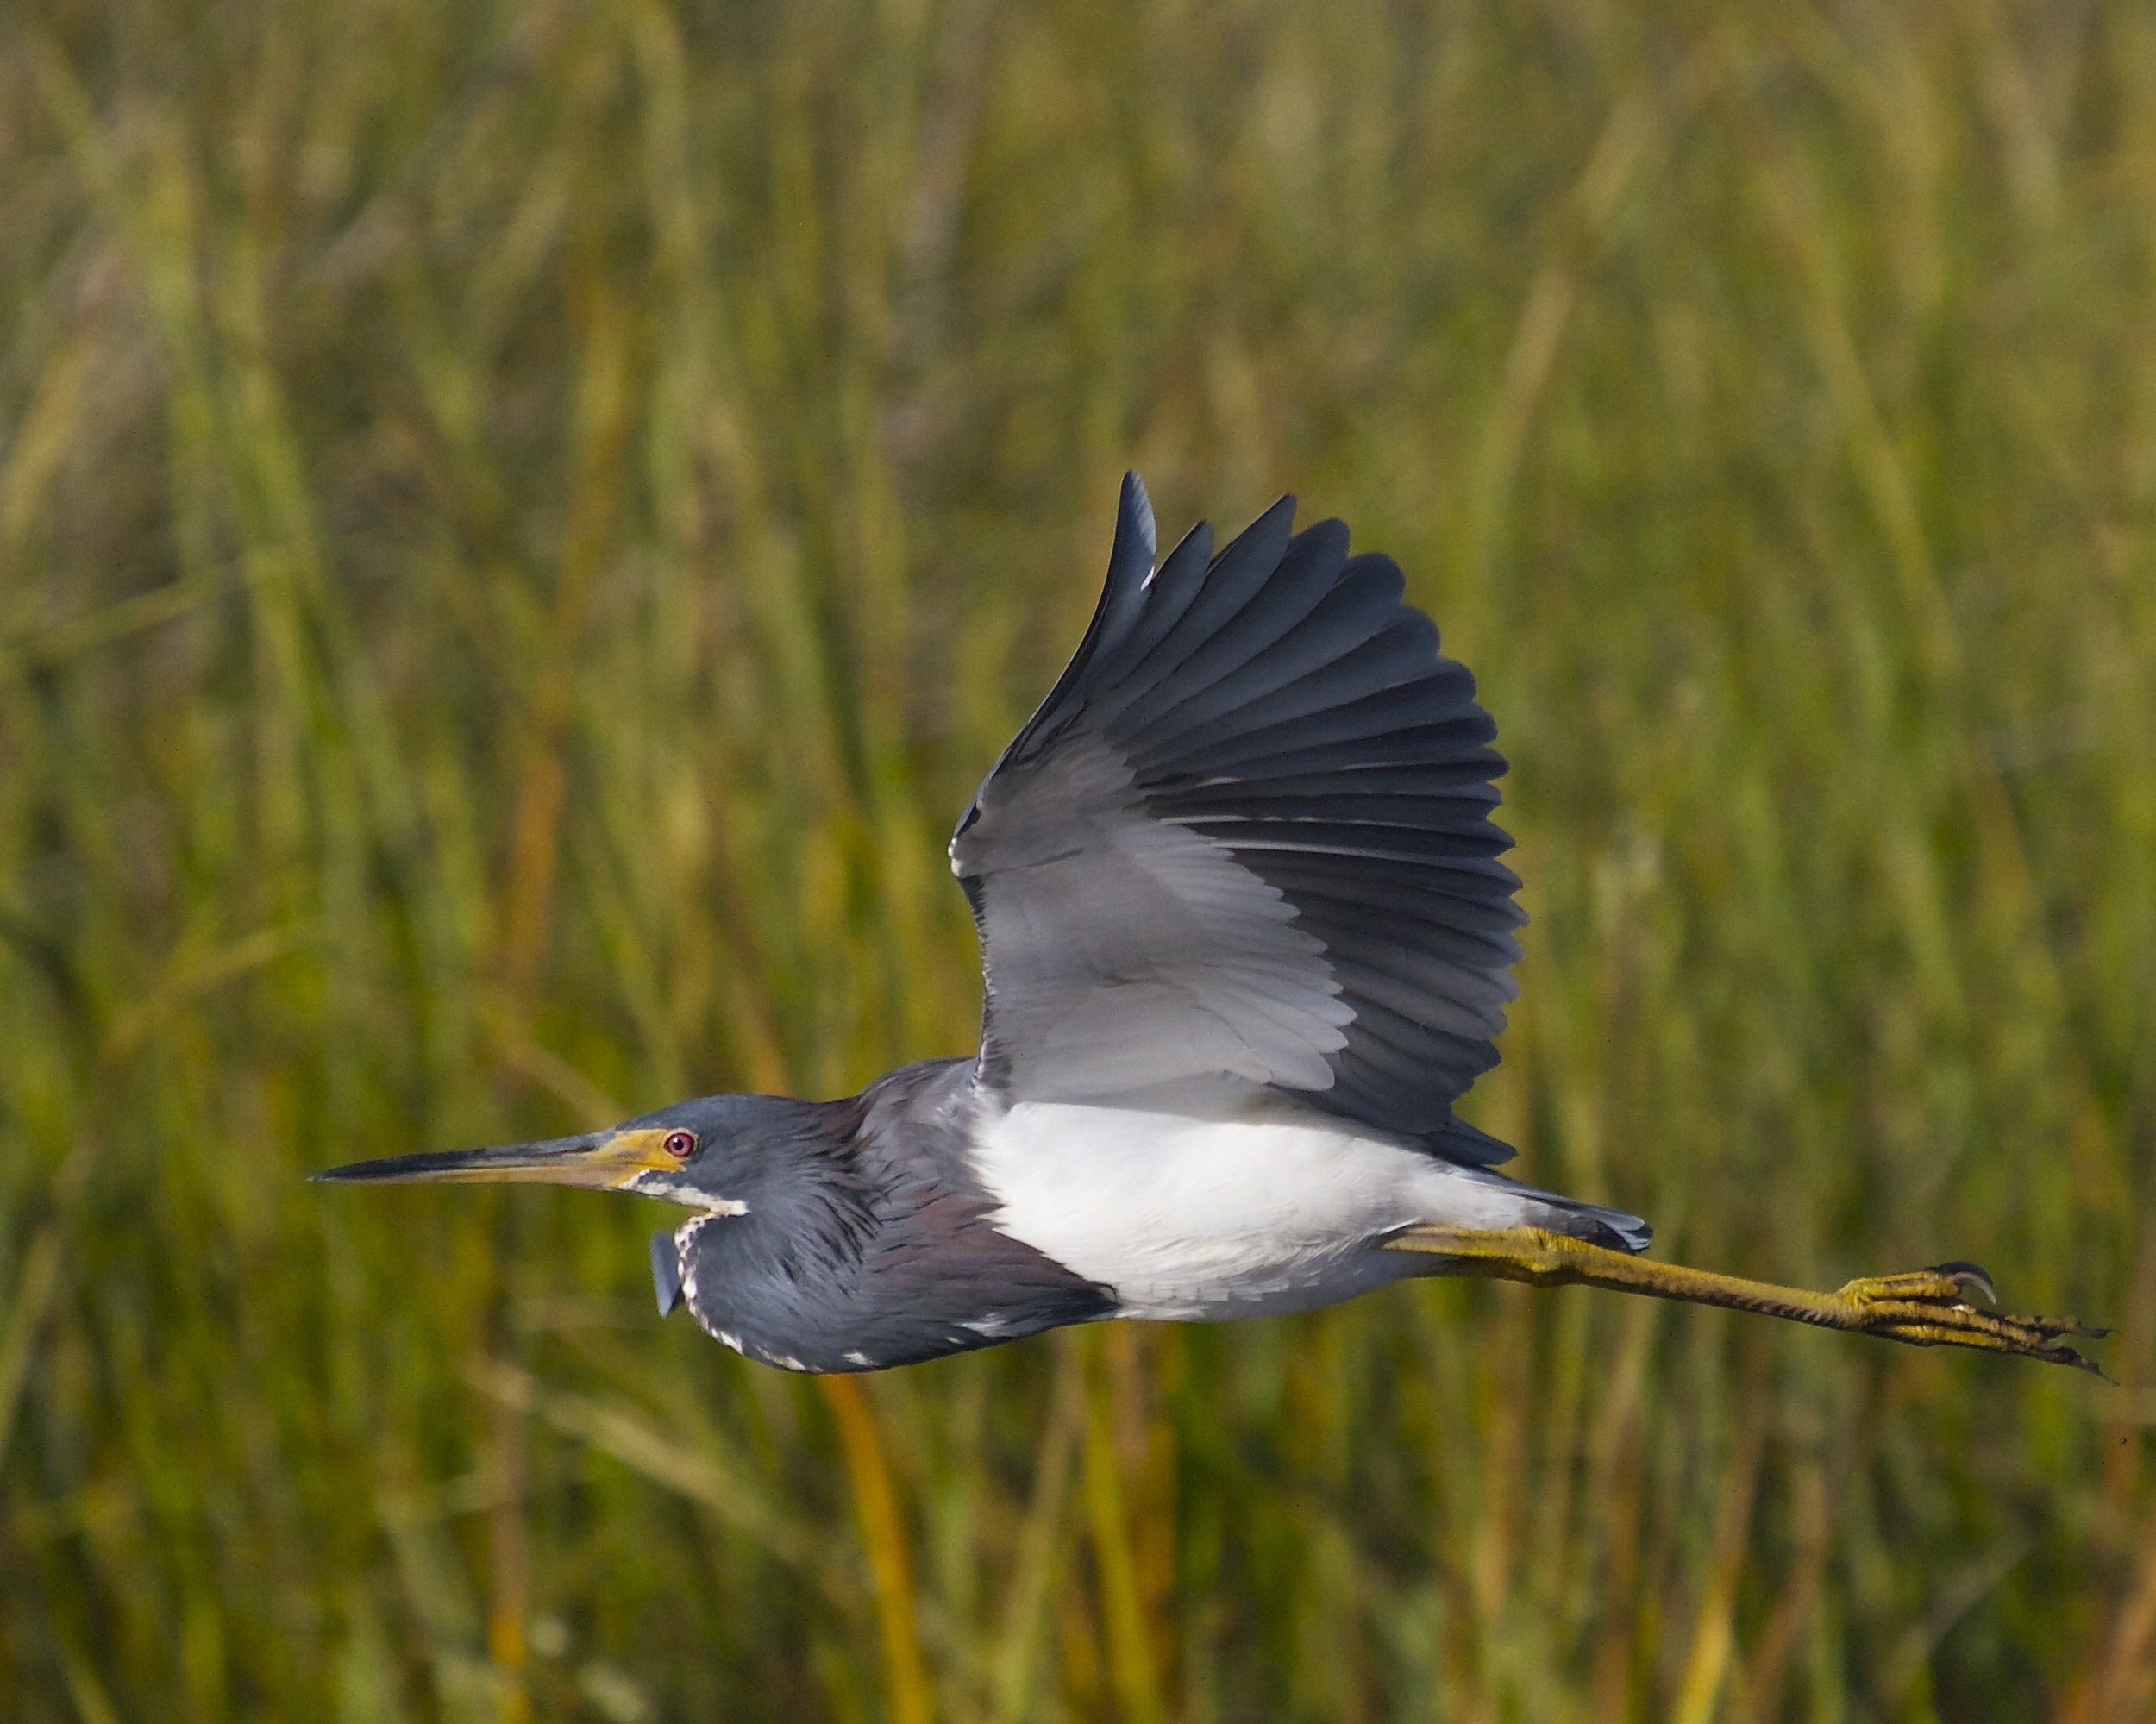 My Tricolored Heron friend flies in...